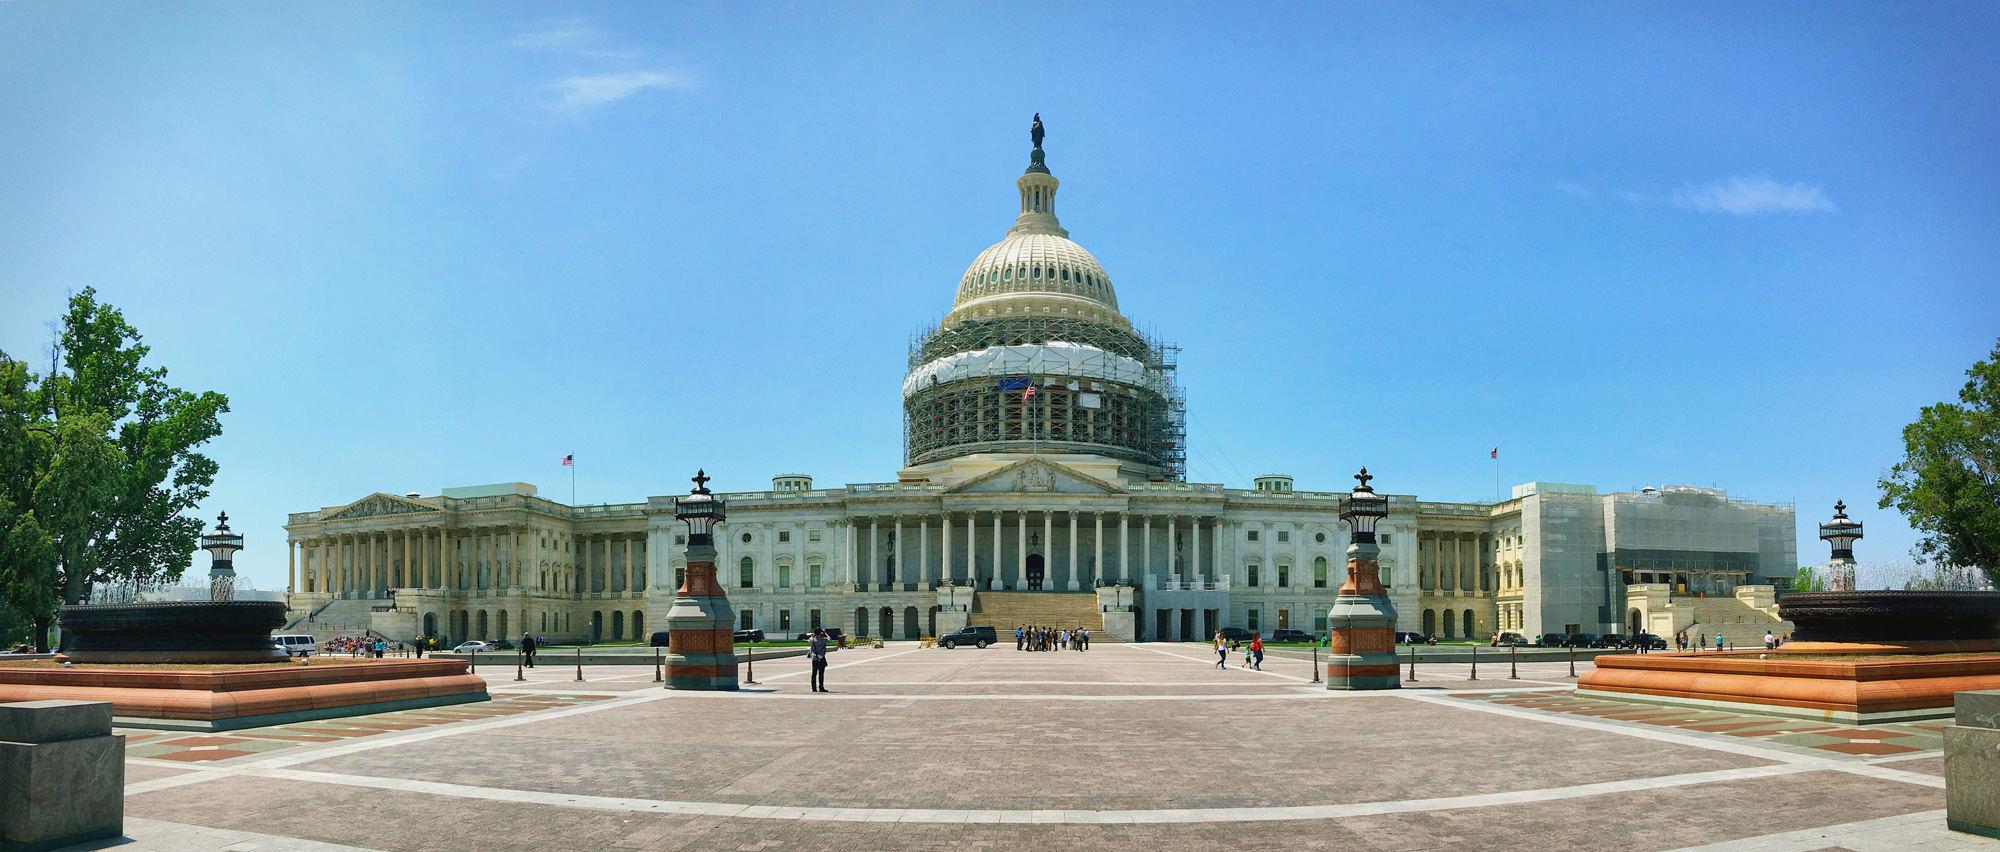 美国国会后景